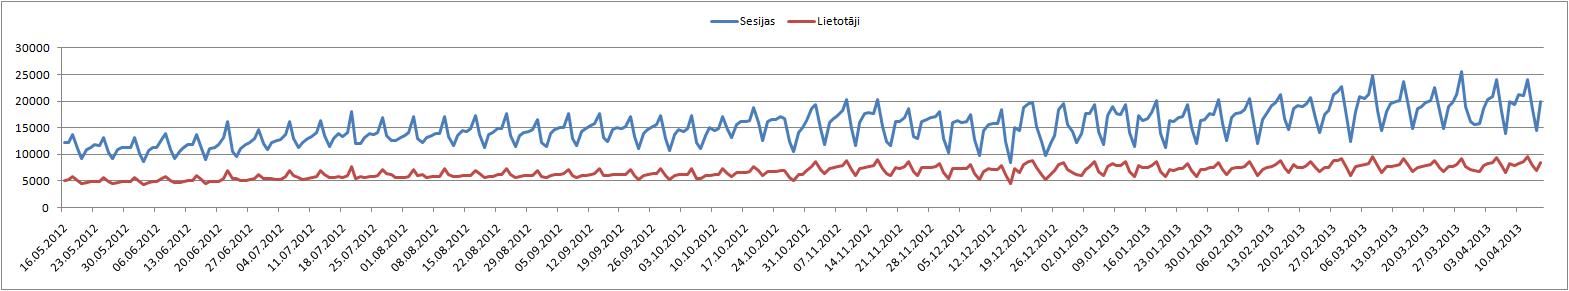 Vāzes lietotāju un sesiju skaita dinamika dienas griezumā.